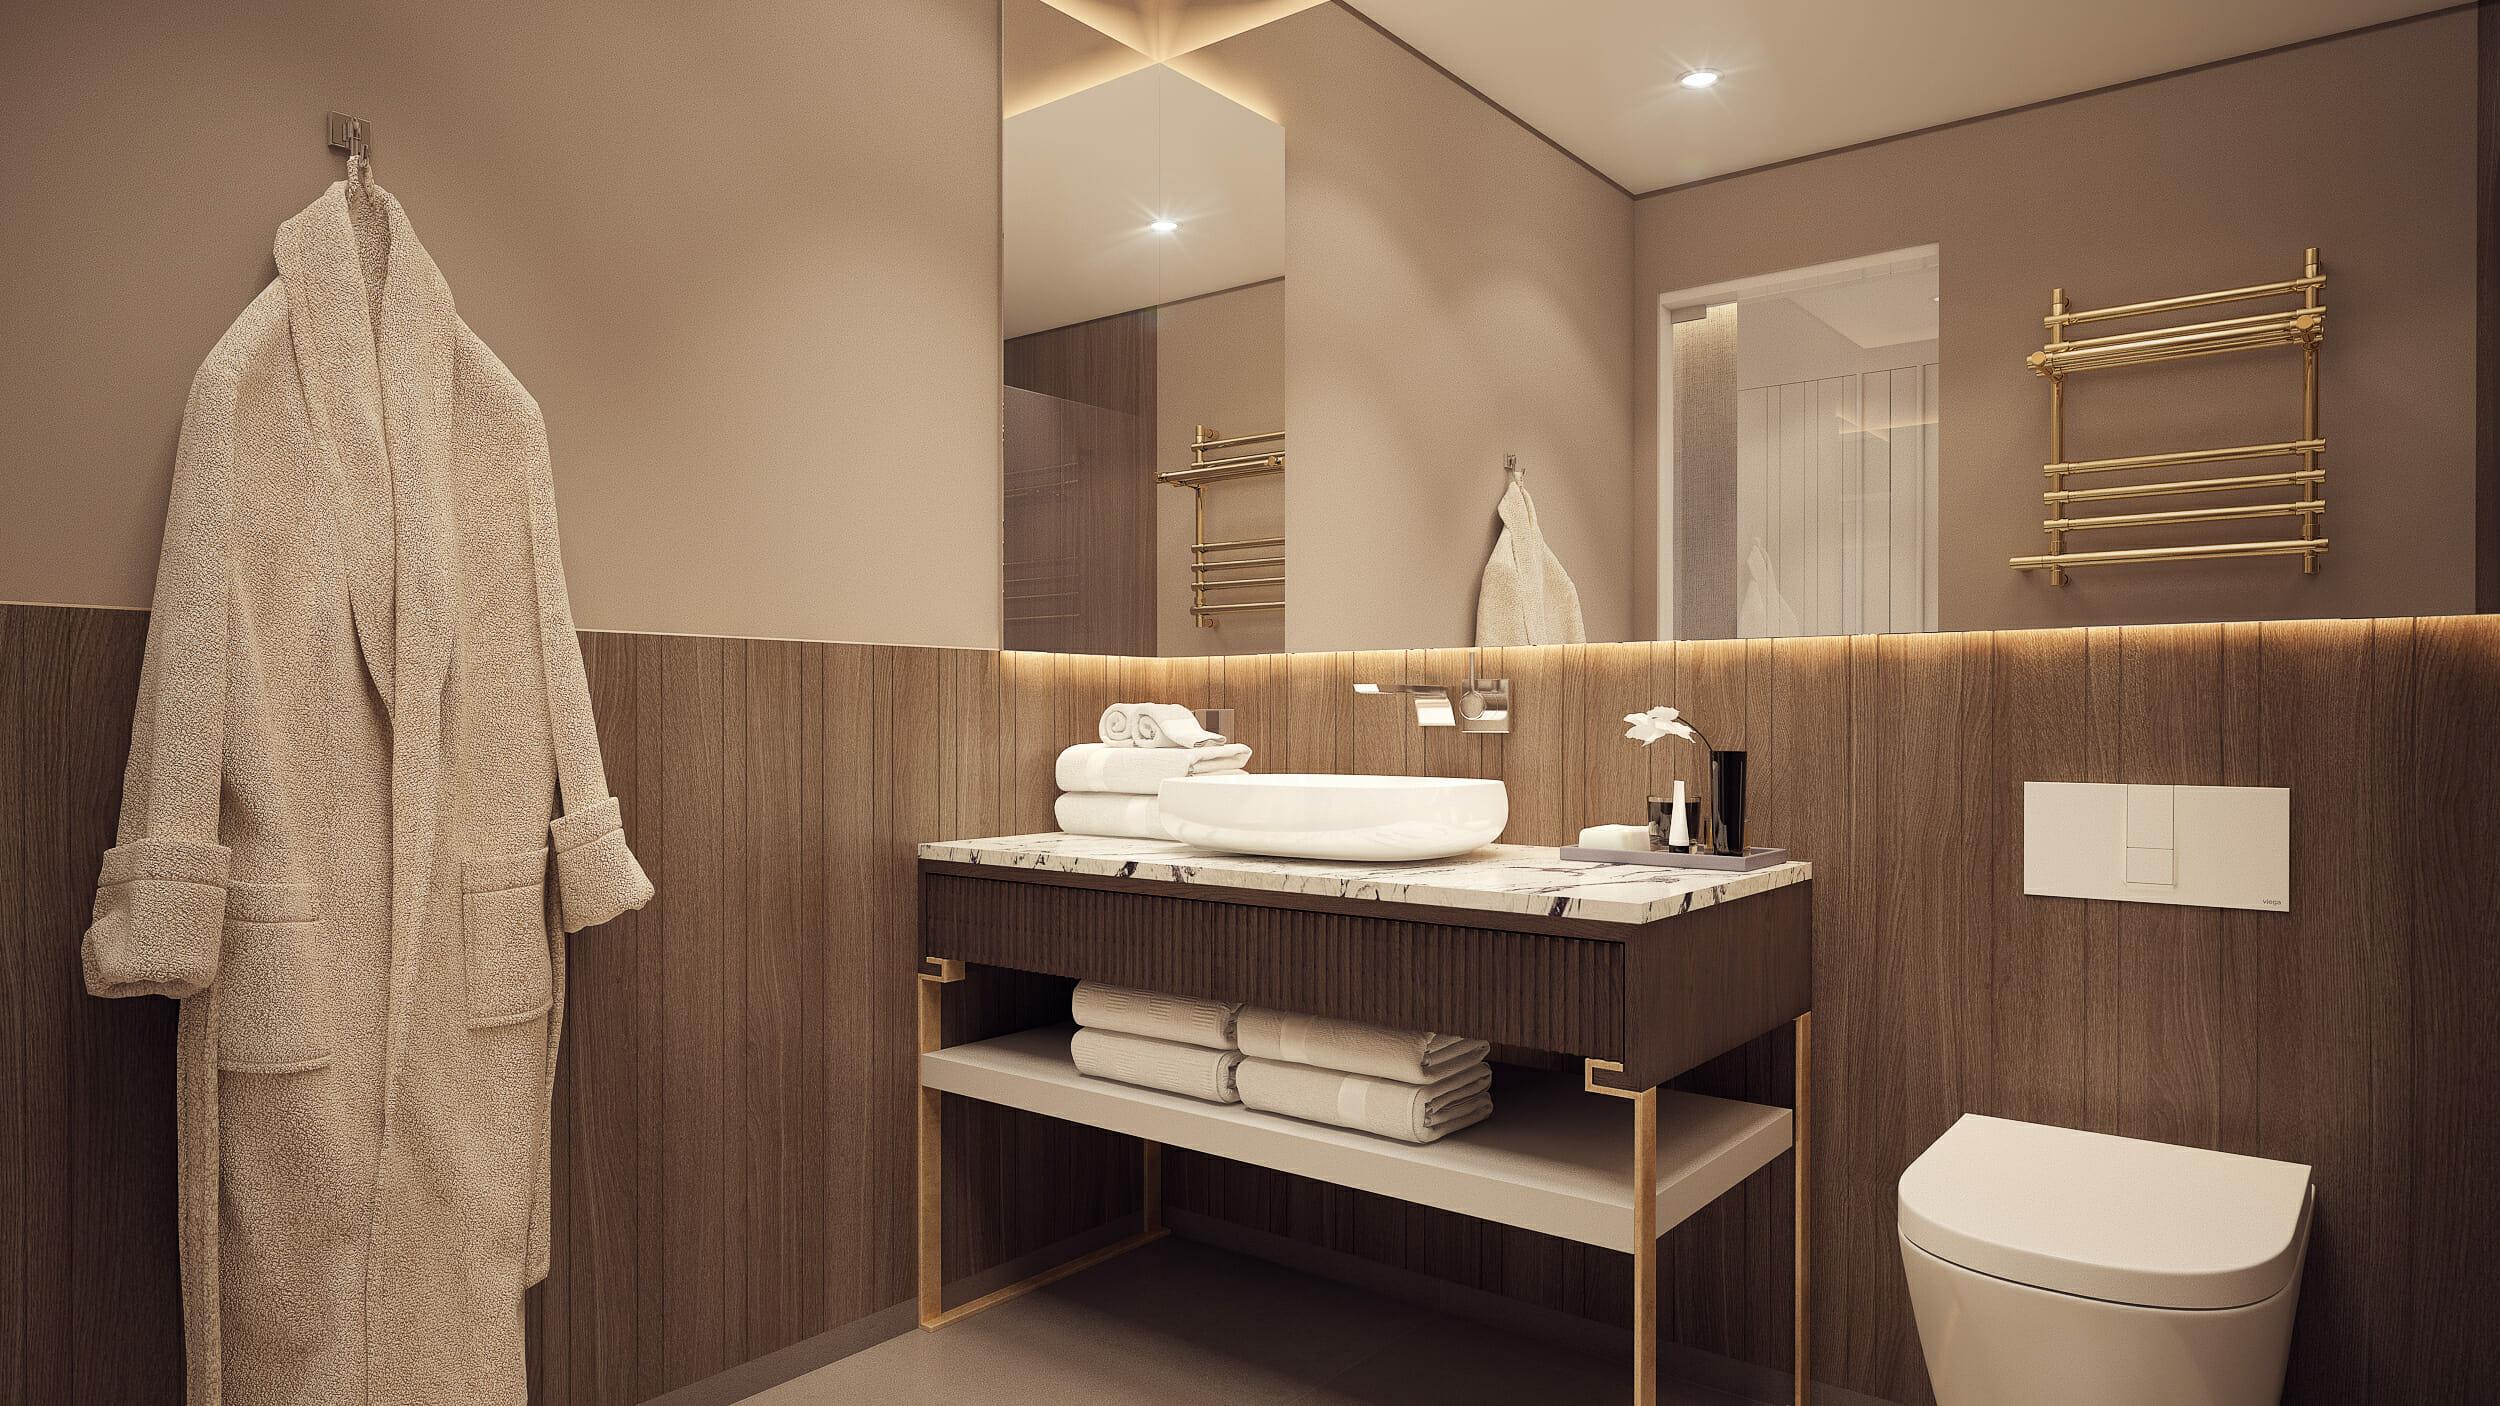 decorilla designer mladen c bathroom design